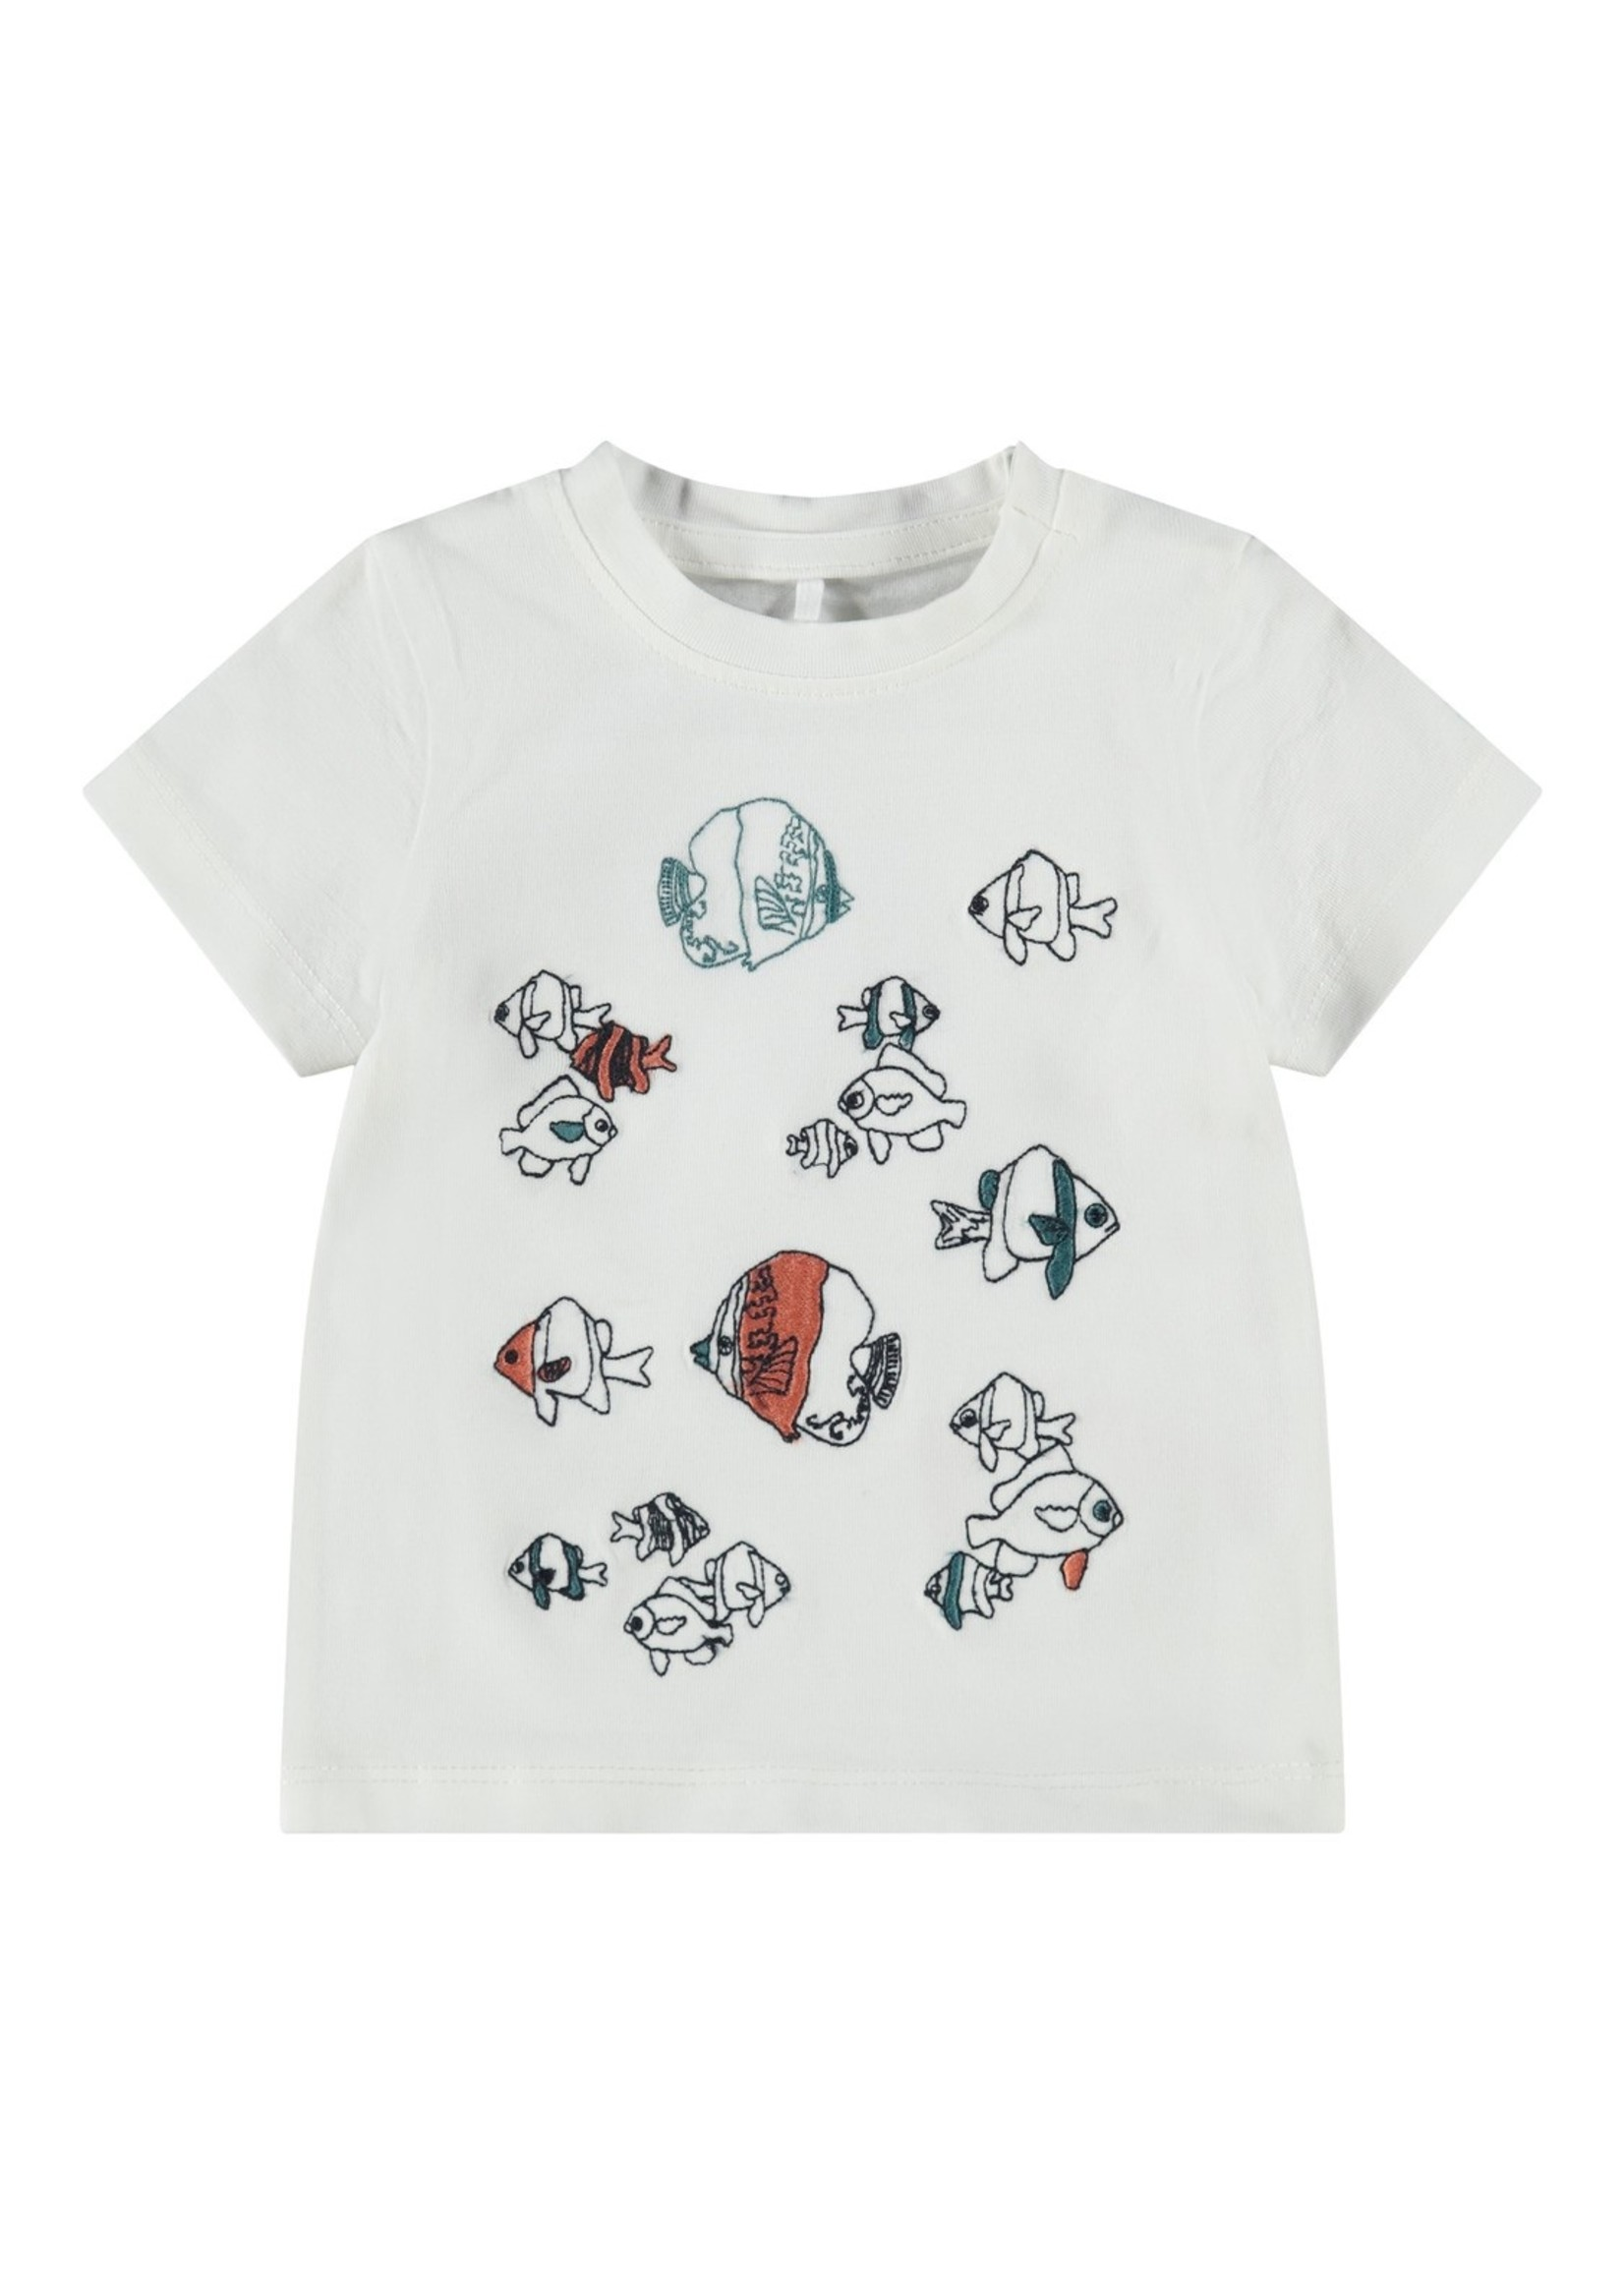 Name it Shirt Snow White